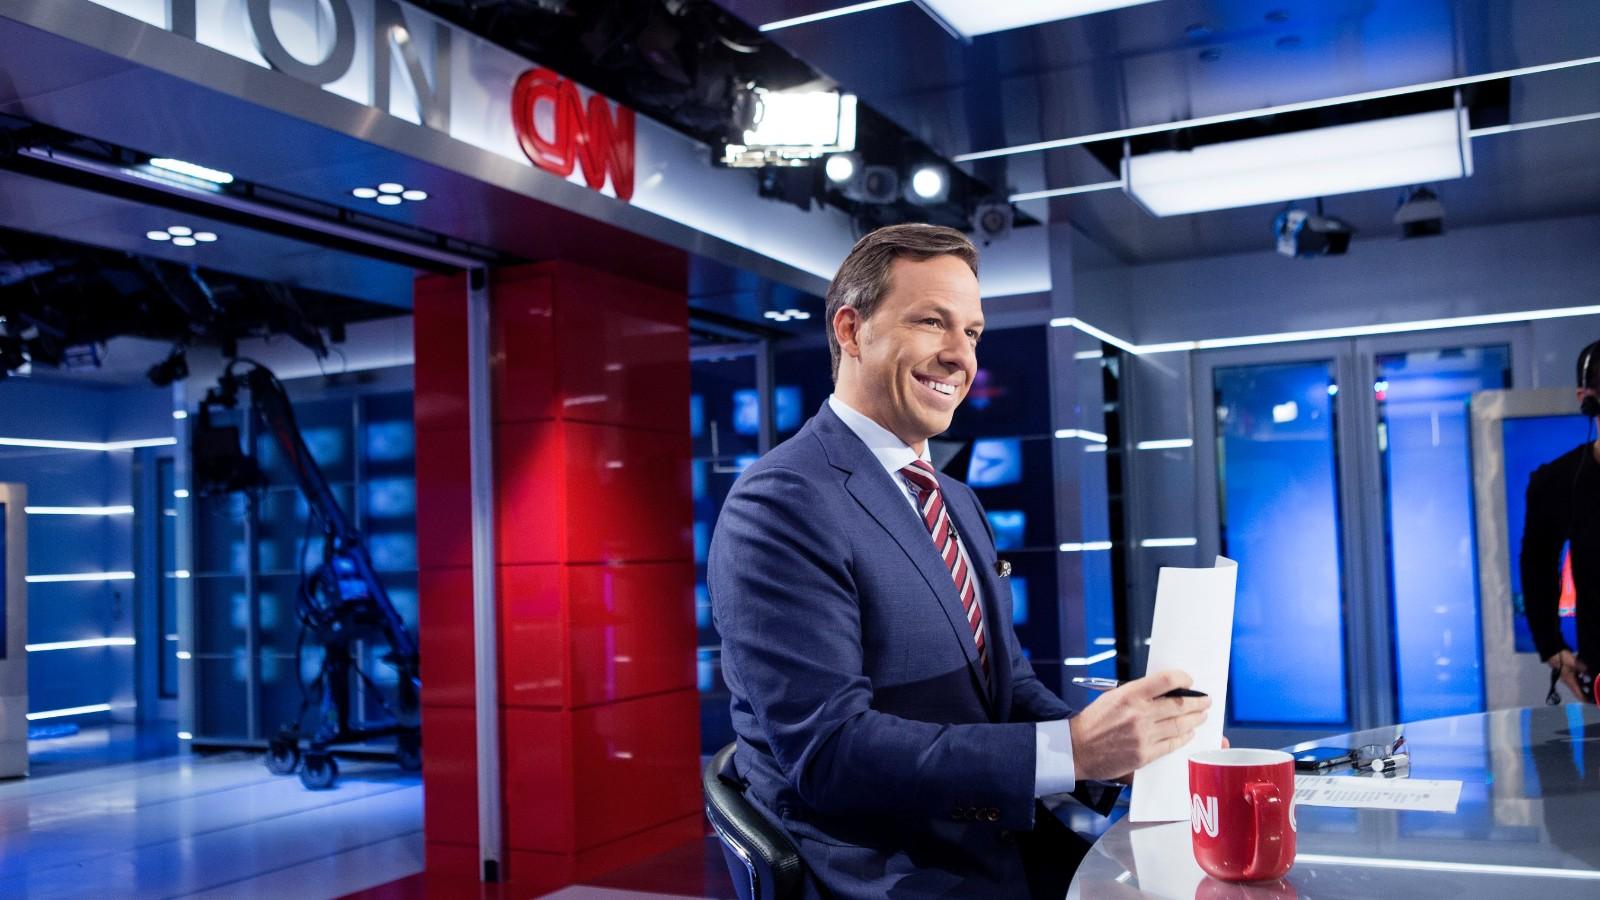 CNN Profiles - Jake Tapper - Anchor - CNN